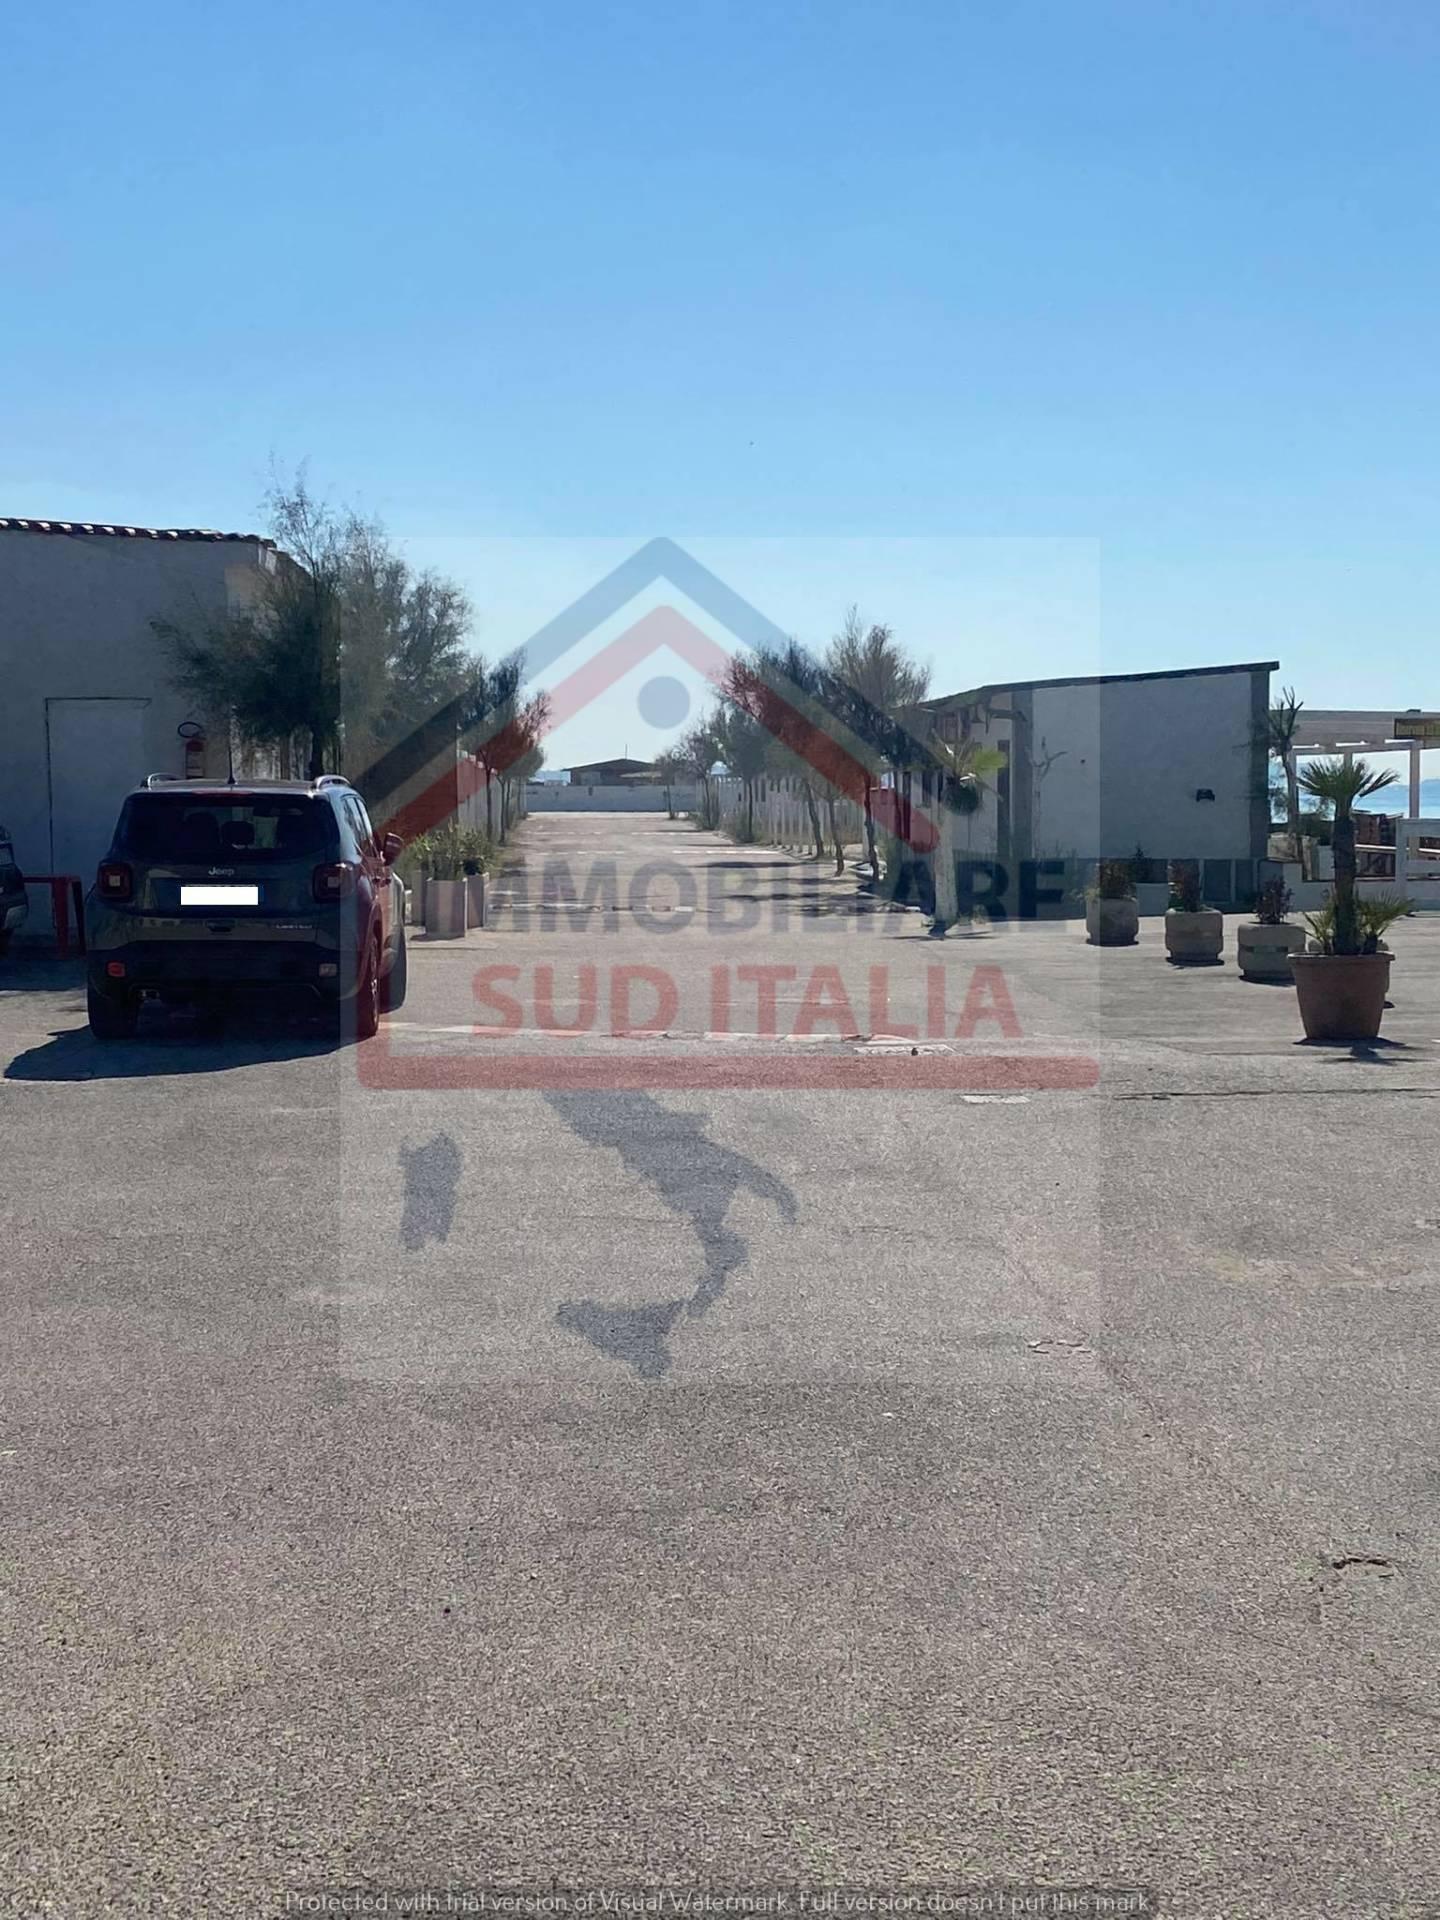 Negozio / Locale in vendita a Castel Volturno, 9999 locali, zona Località: IschitellaLido, prezzo € 1.800.000 | CambioCasa.it